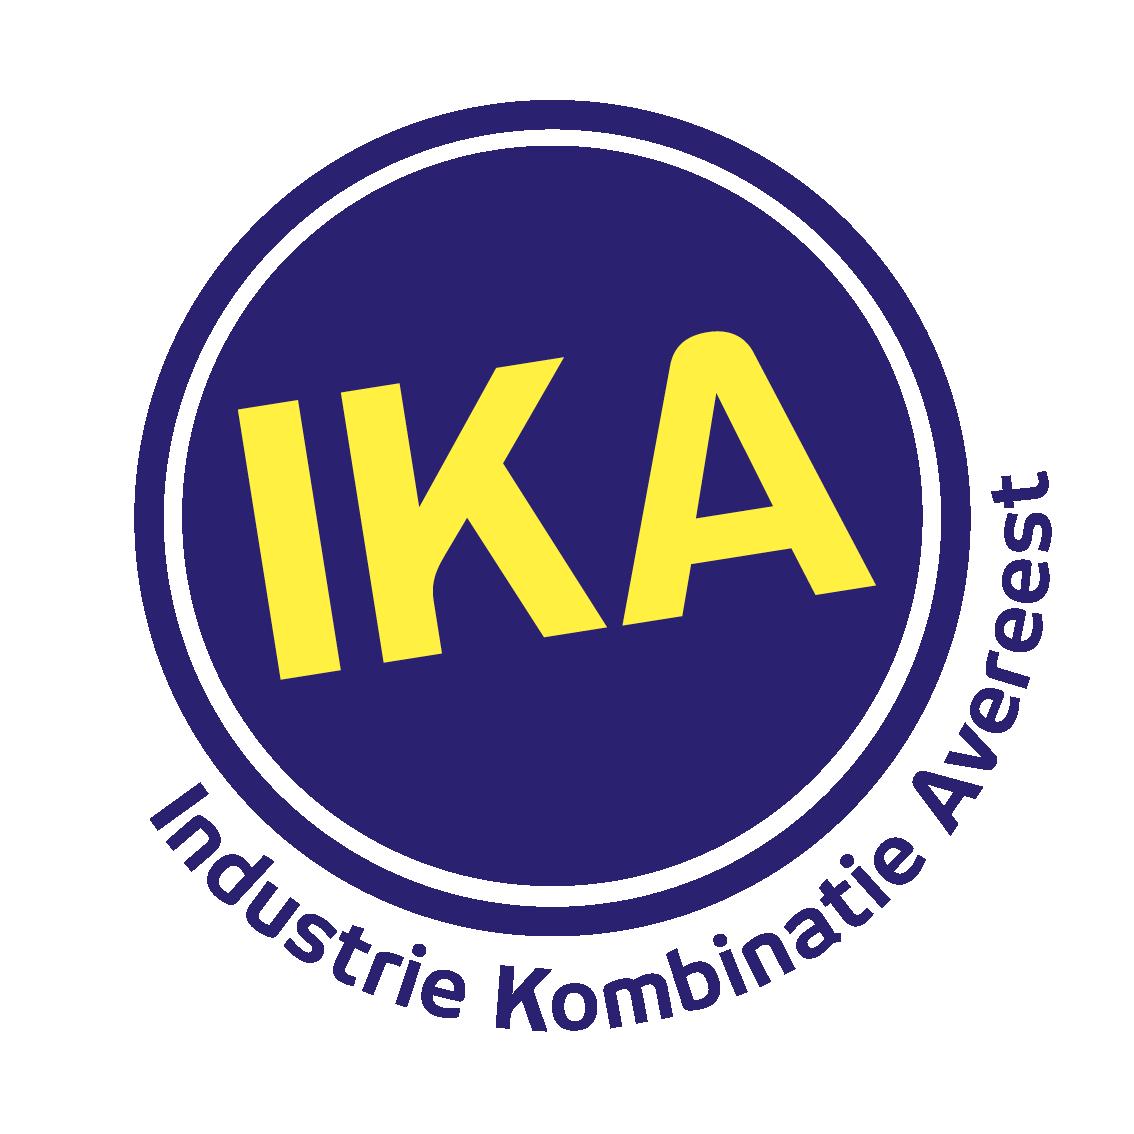 Dedemsvaart Balkbrug Industrie Industriekring Avereest IKA